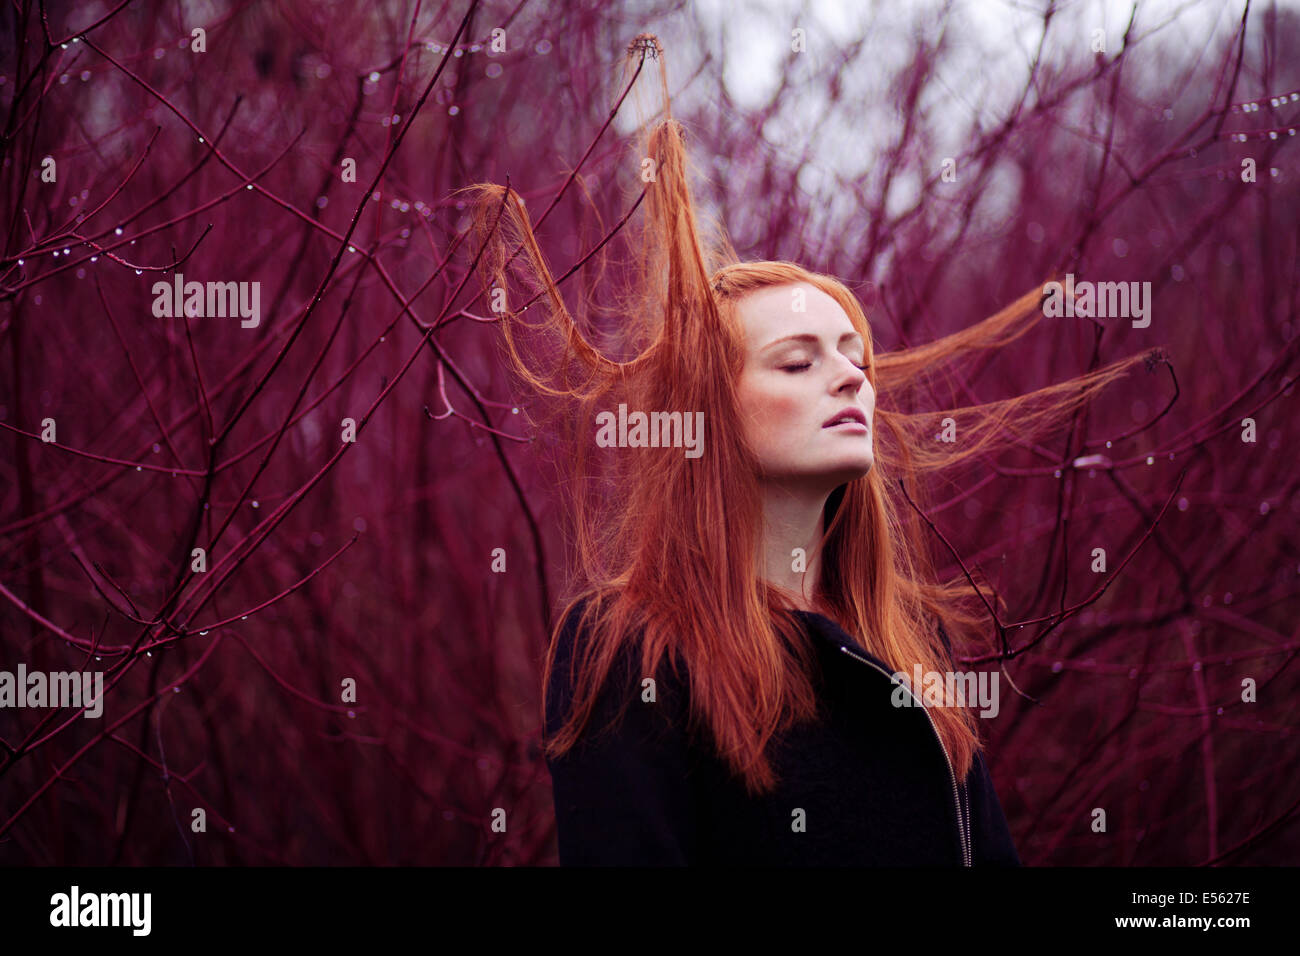 Femme aux longs cheveux rouges entre les branches, portrait Photo Stock